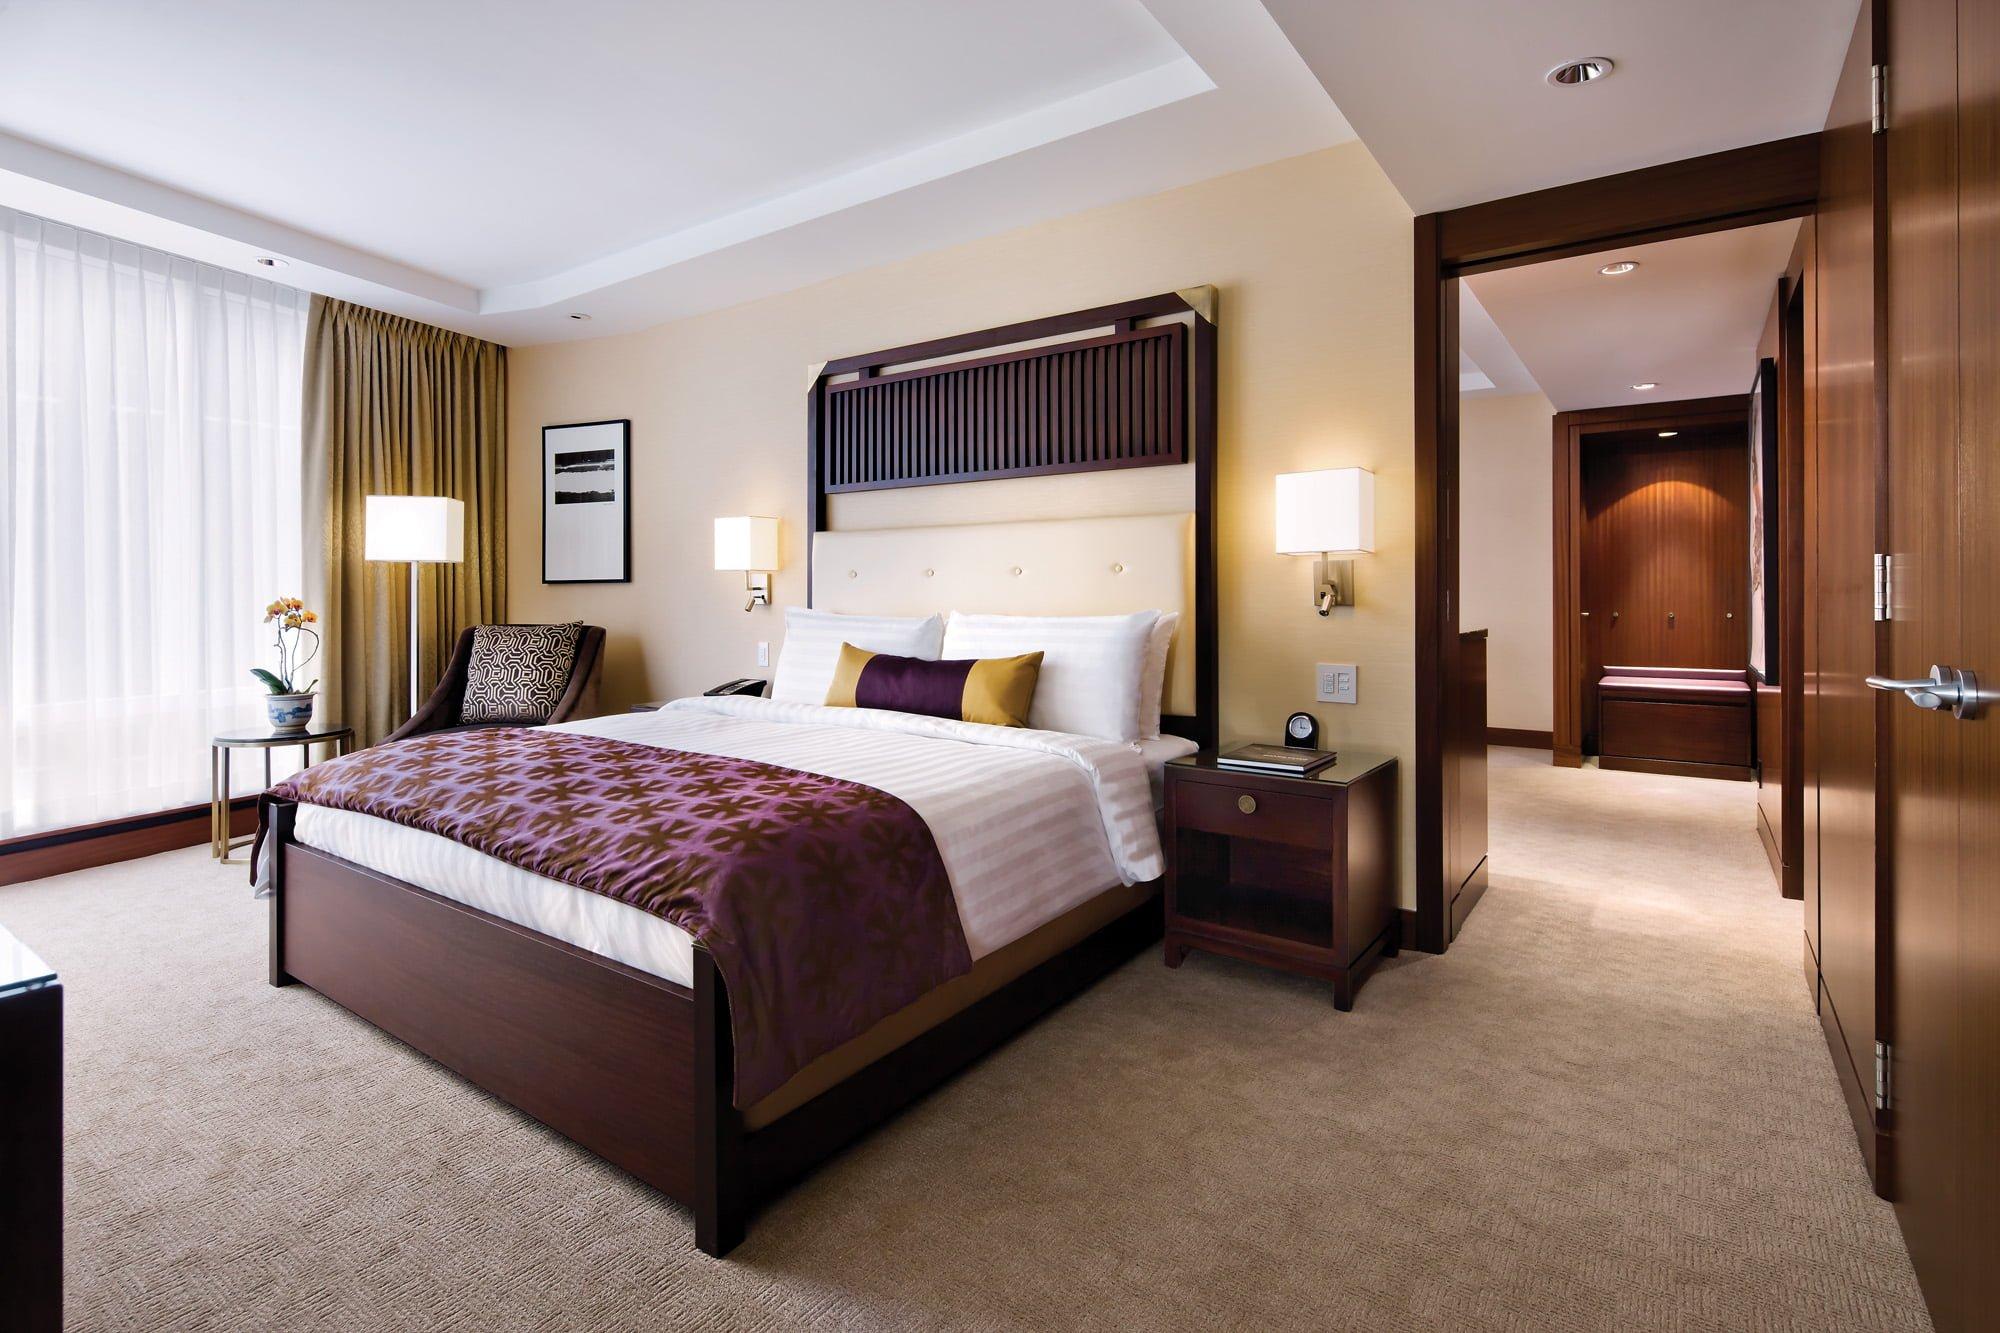 Zhang Huan Suite - Bedroom